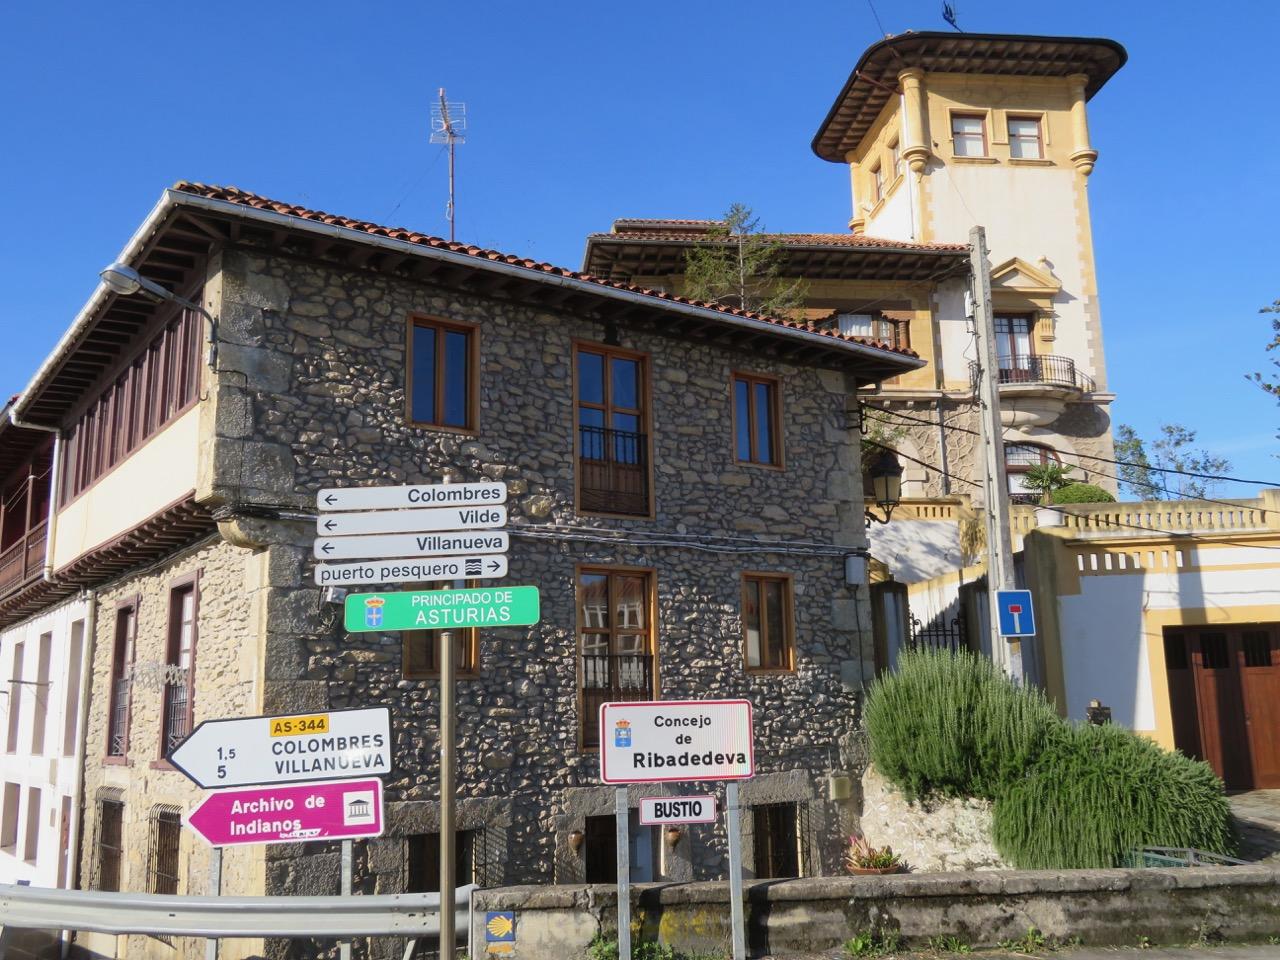 Av misstag hamnade vi i den lilla spanska byn Unquera. Och förutom flera blå skyltar runt om i bynså var himlen det också.